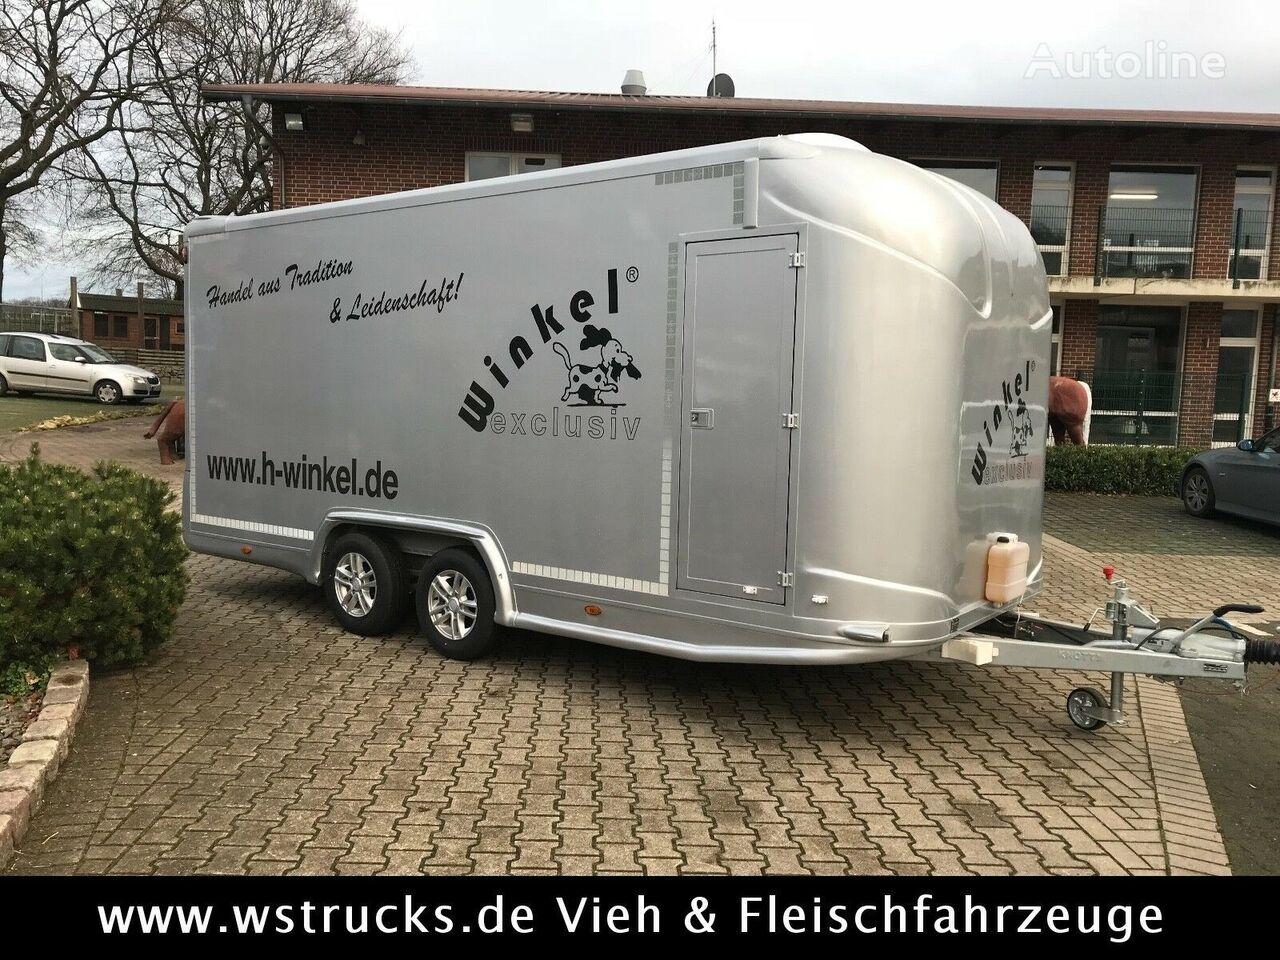 new Speziell Kleintier Klima Heizung Autak horse trailer